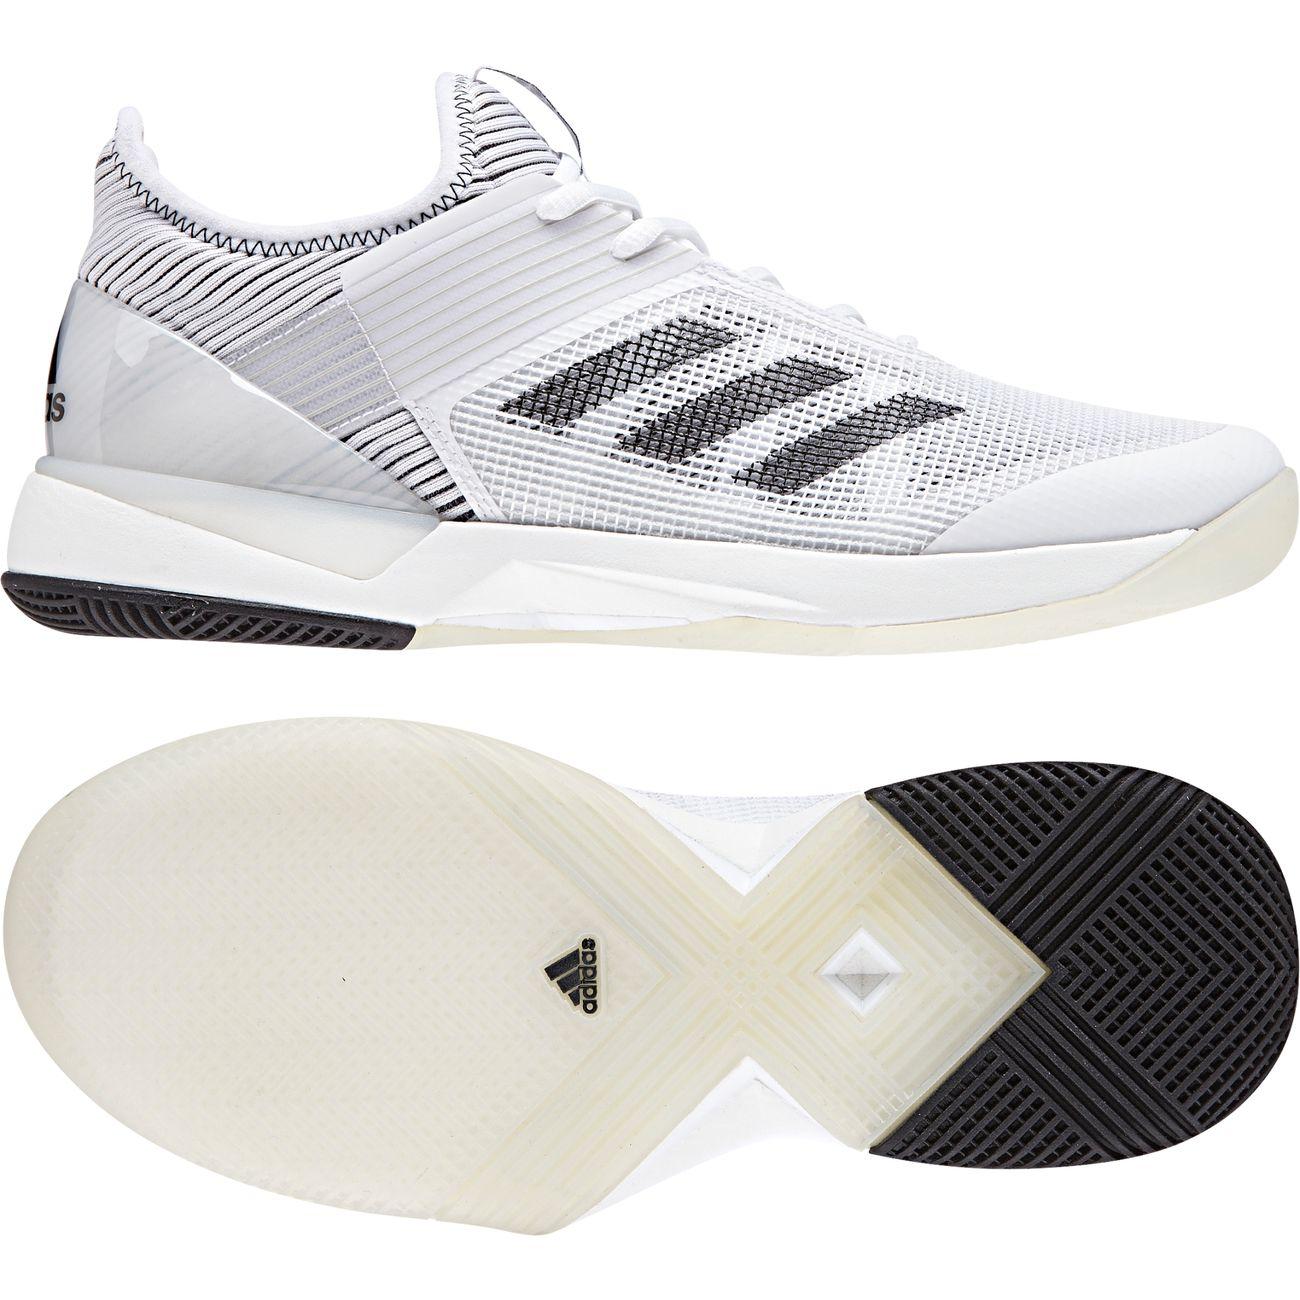 Pas Chaussures 0 Cher Achat Ubersonic – Adizero 3 Et Prix Adidas eH9WD2IYE